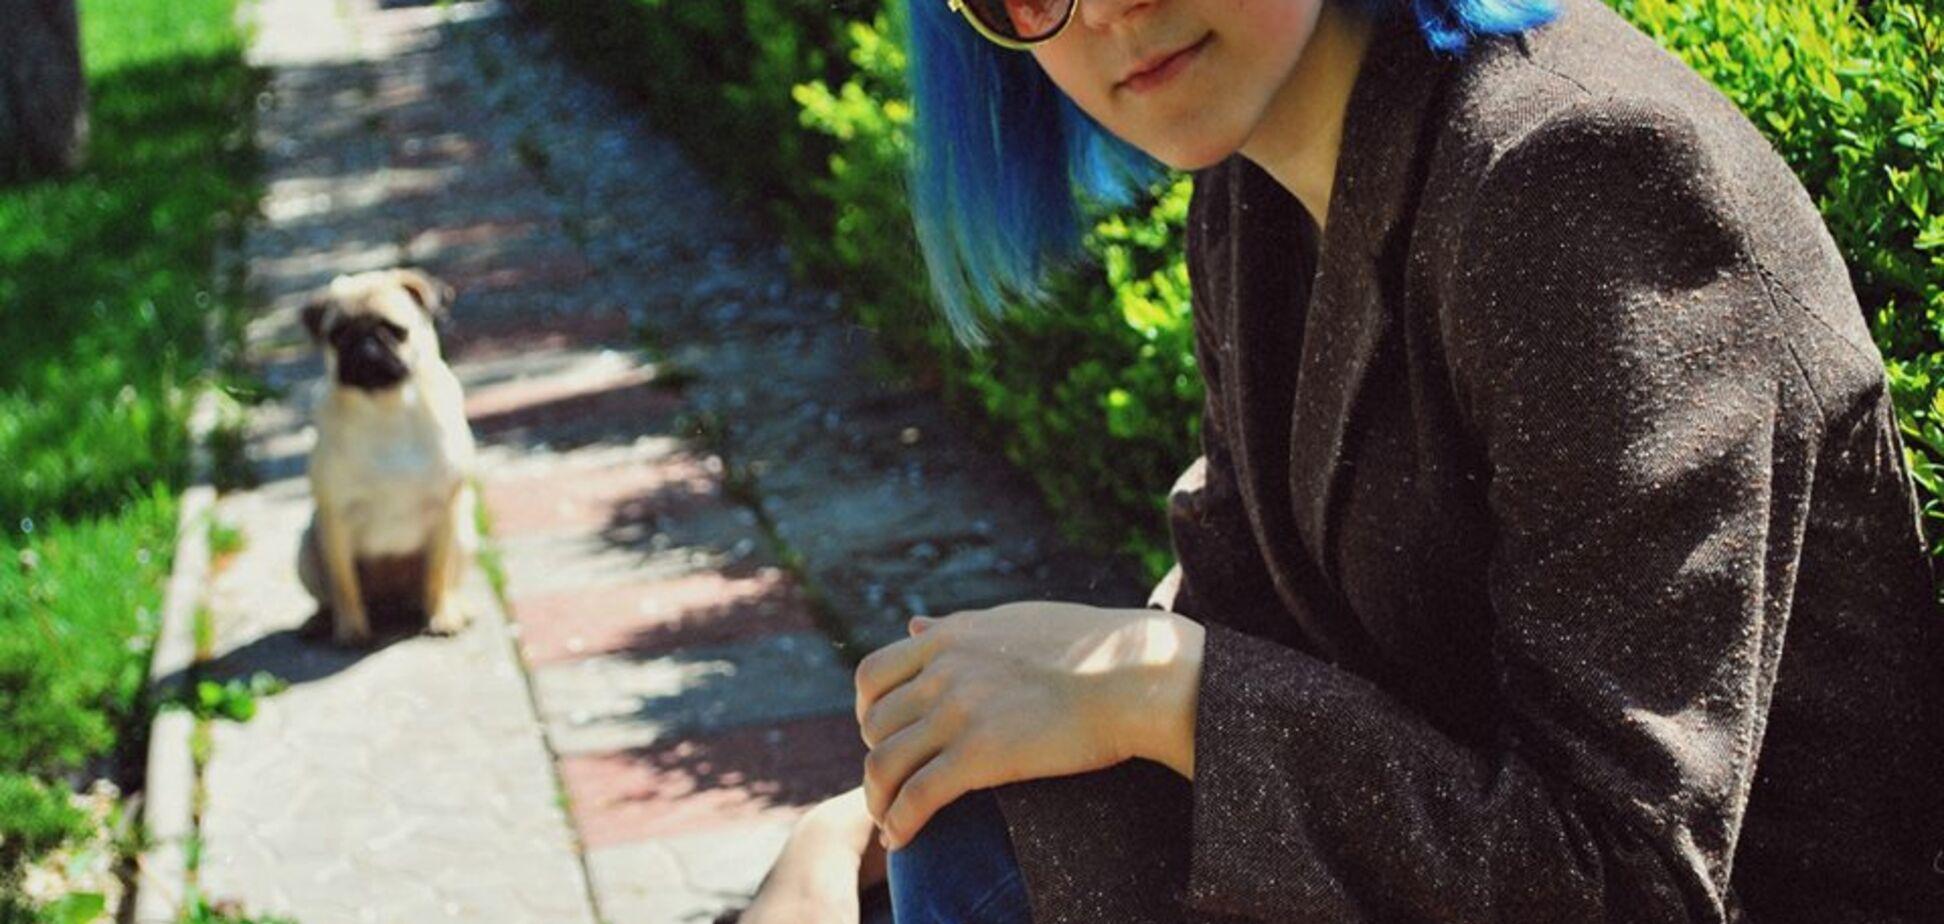 'Знайти прийнятну квартиру складніше, ніж зустріти єдинорога', - українка про життя в Парижі